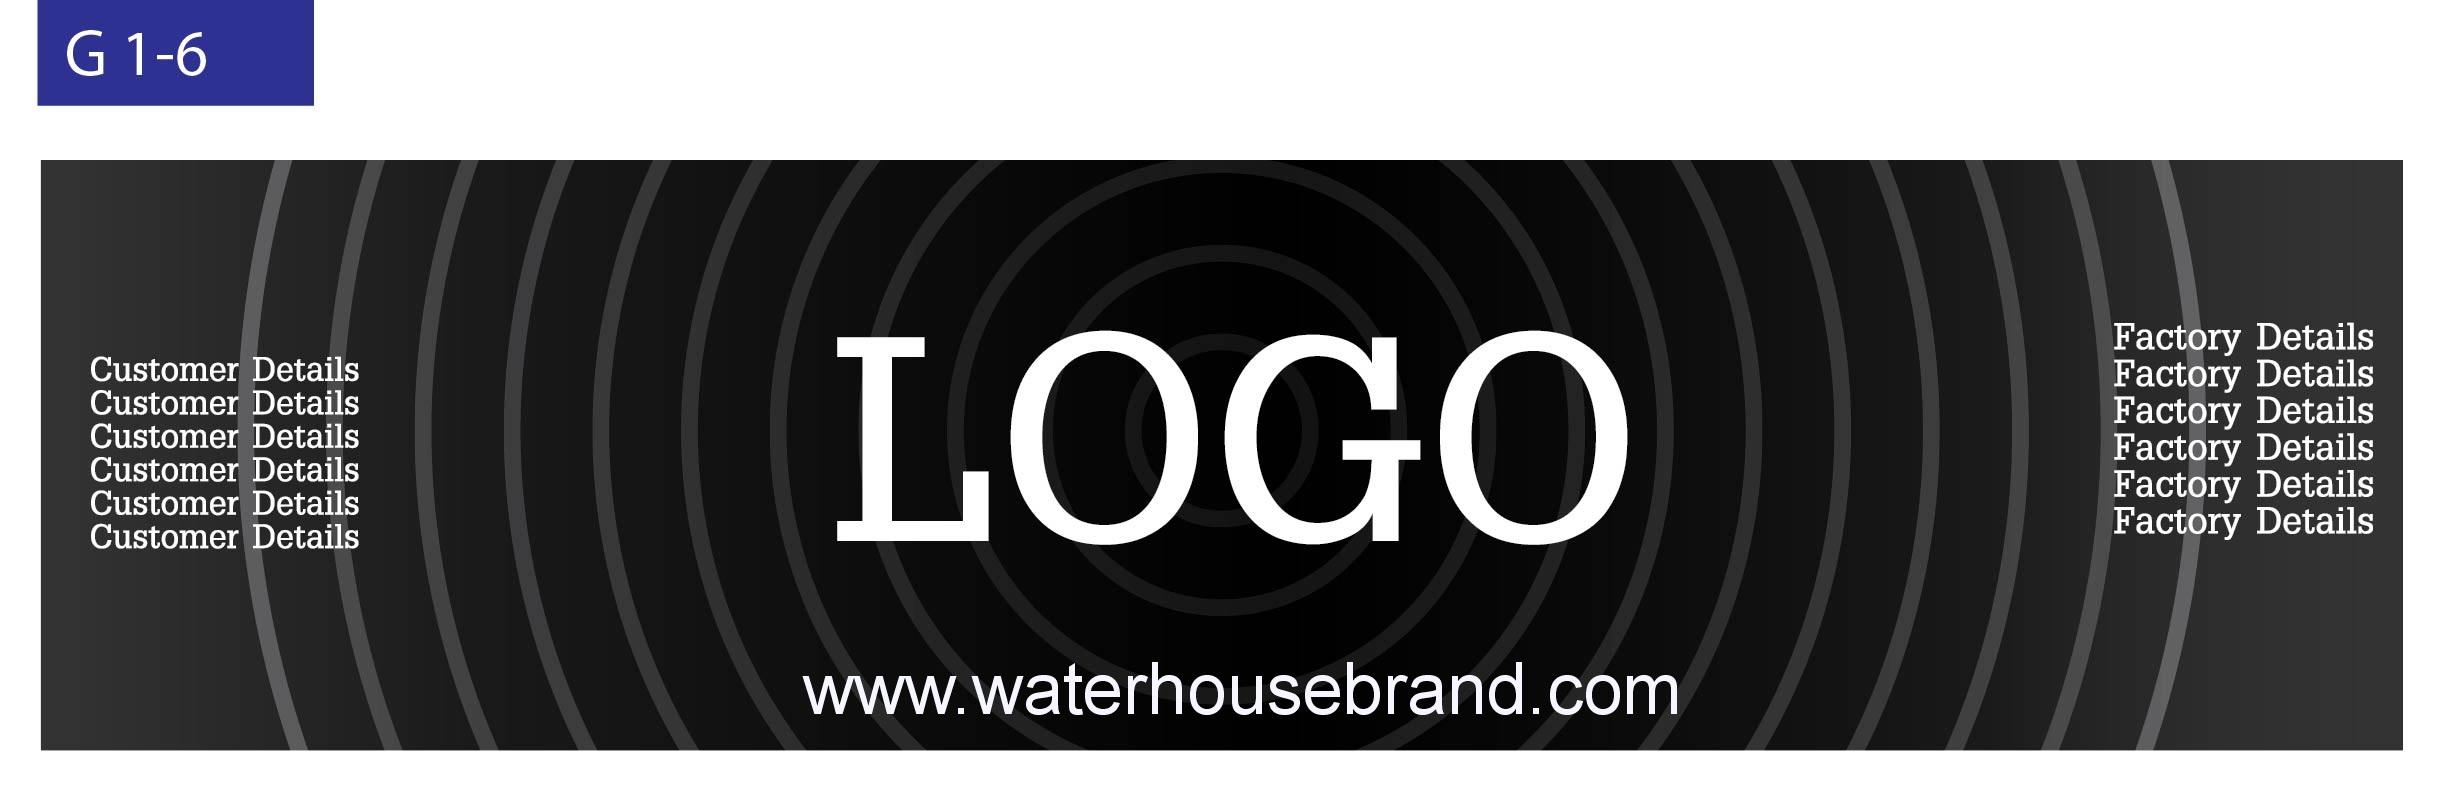 waterhouse-แบบฉลากน้ำดื่ม-g16